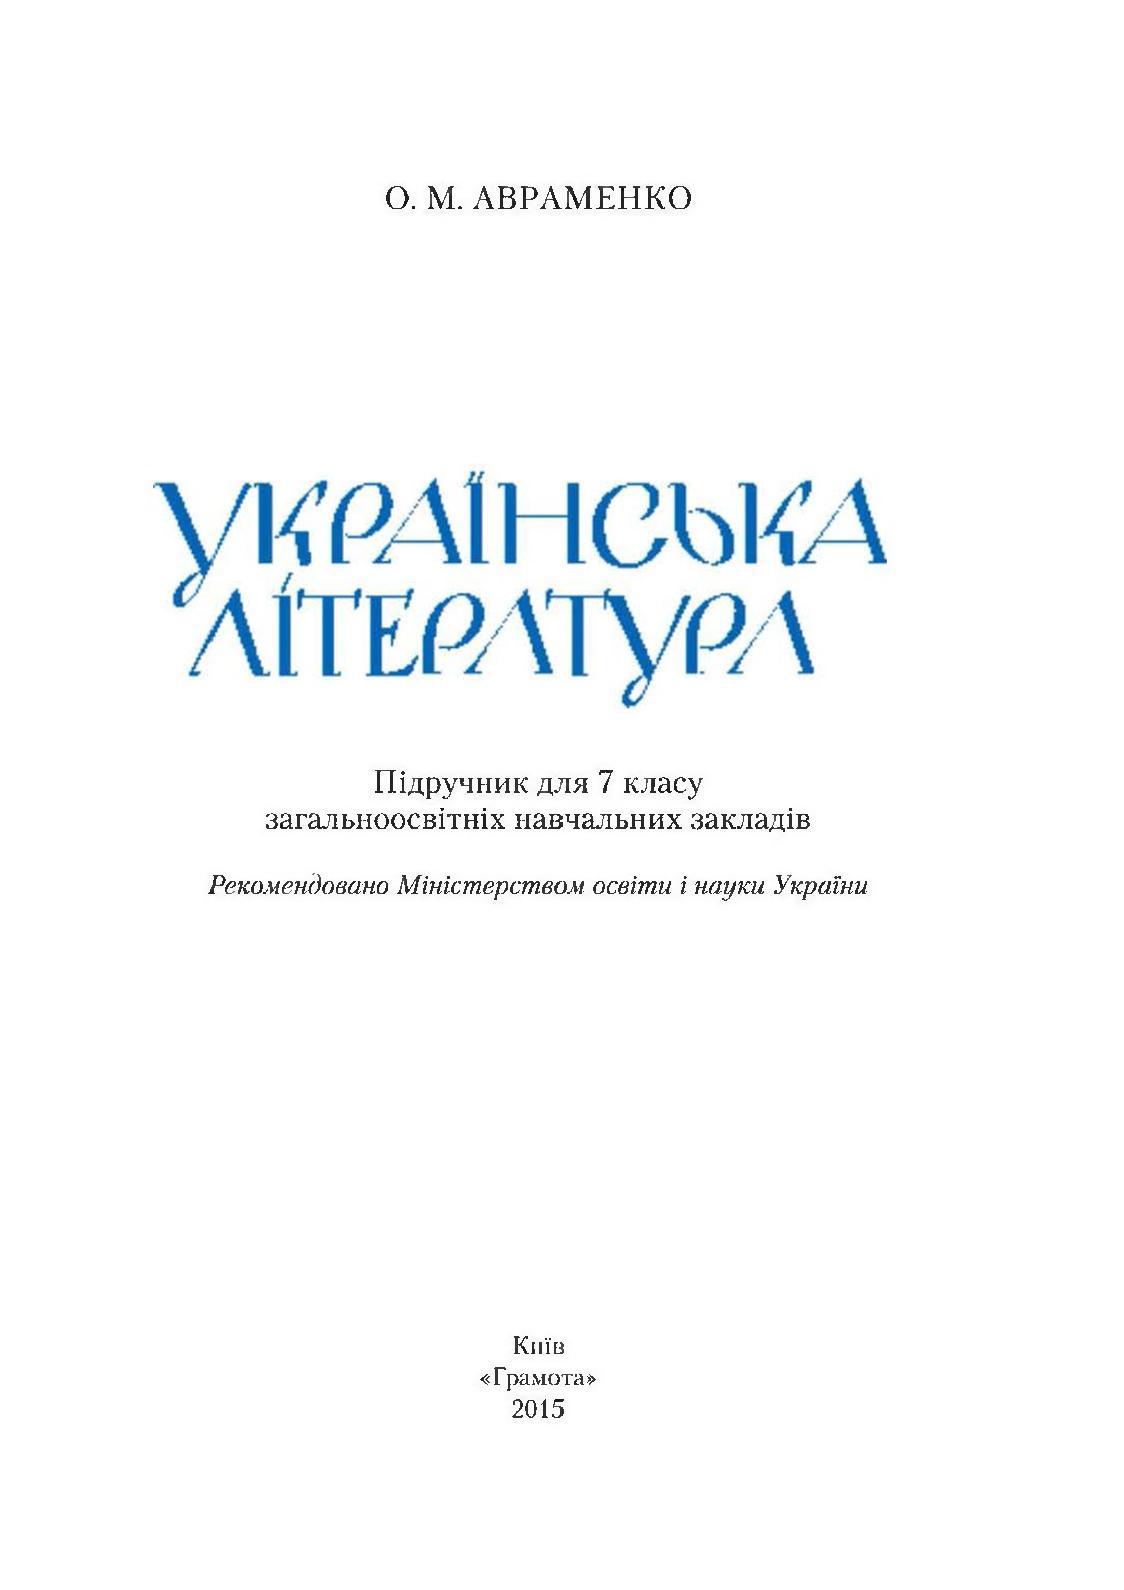 Calaméo - 7 Klas Ukrajinska Literatura Avramenko 2015 3c4960c84cbc7